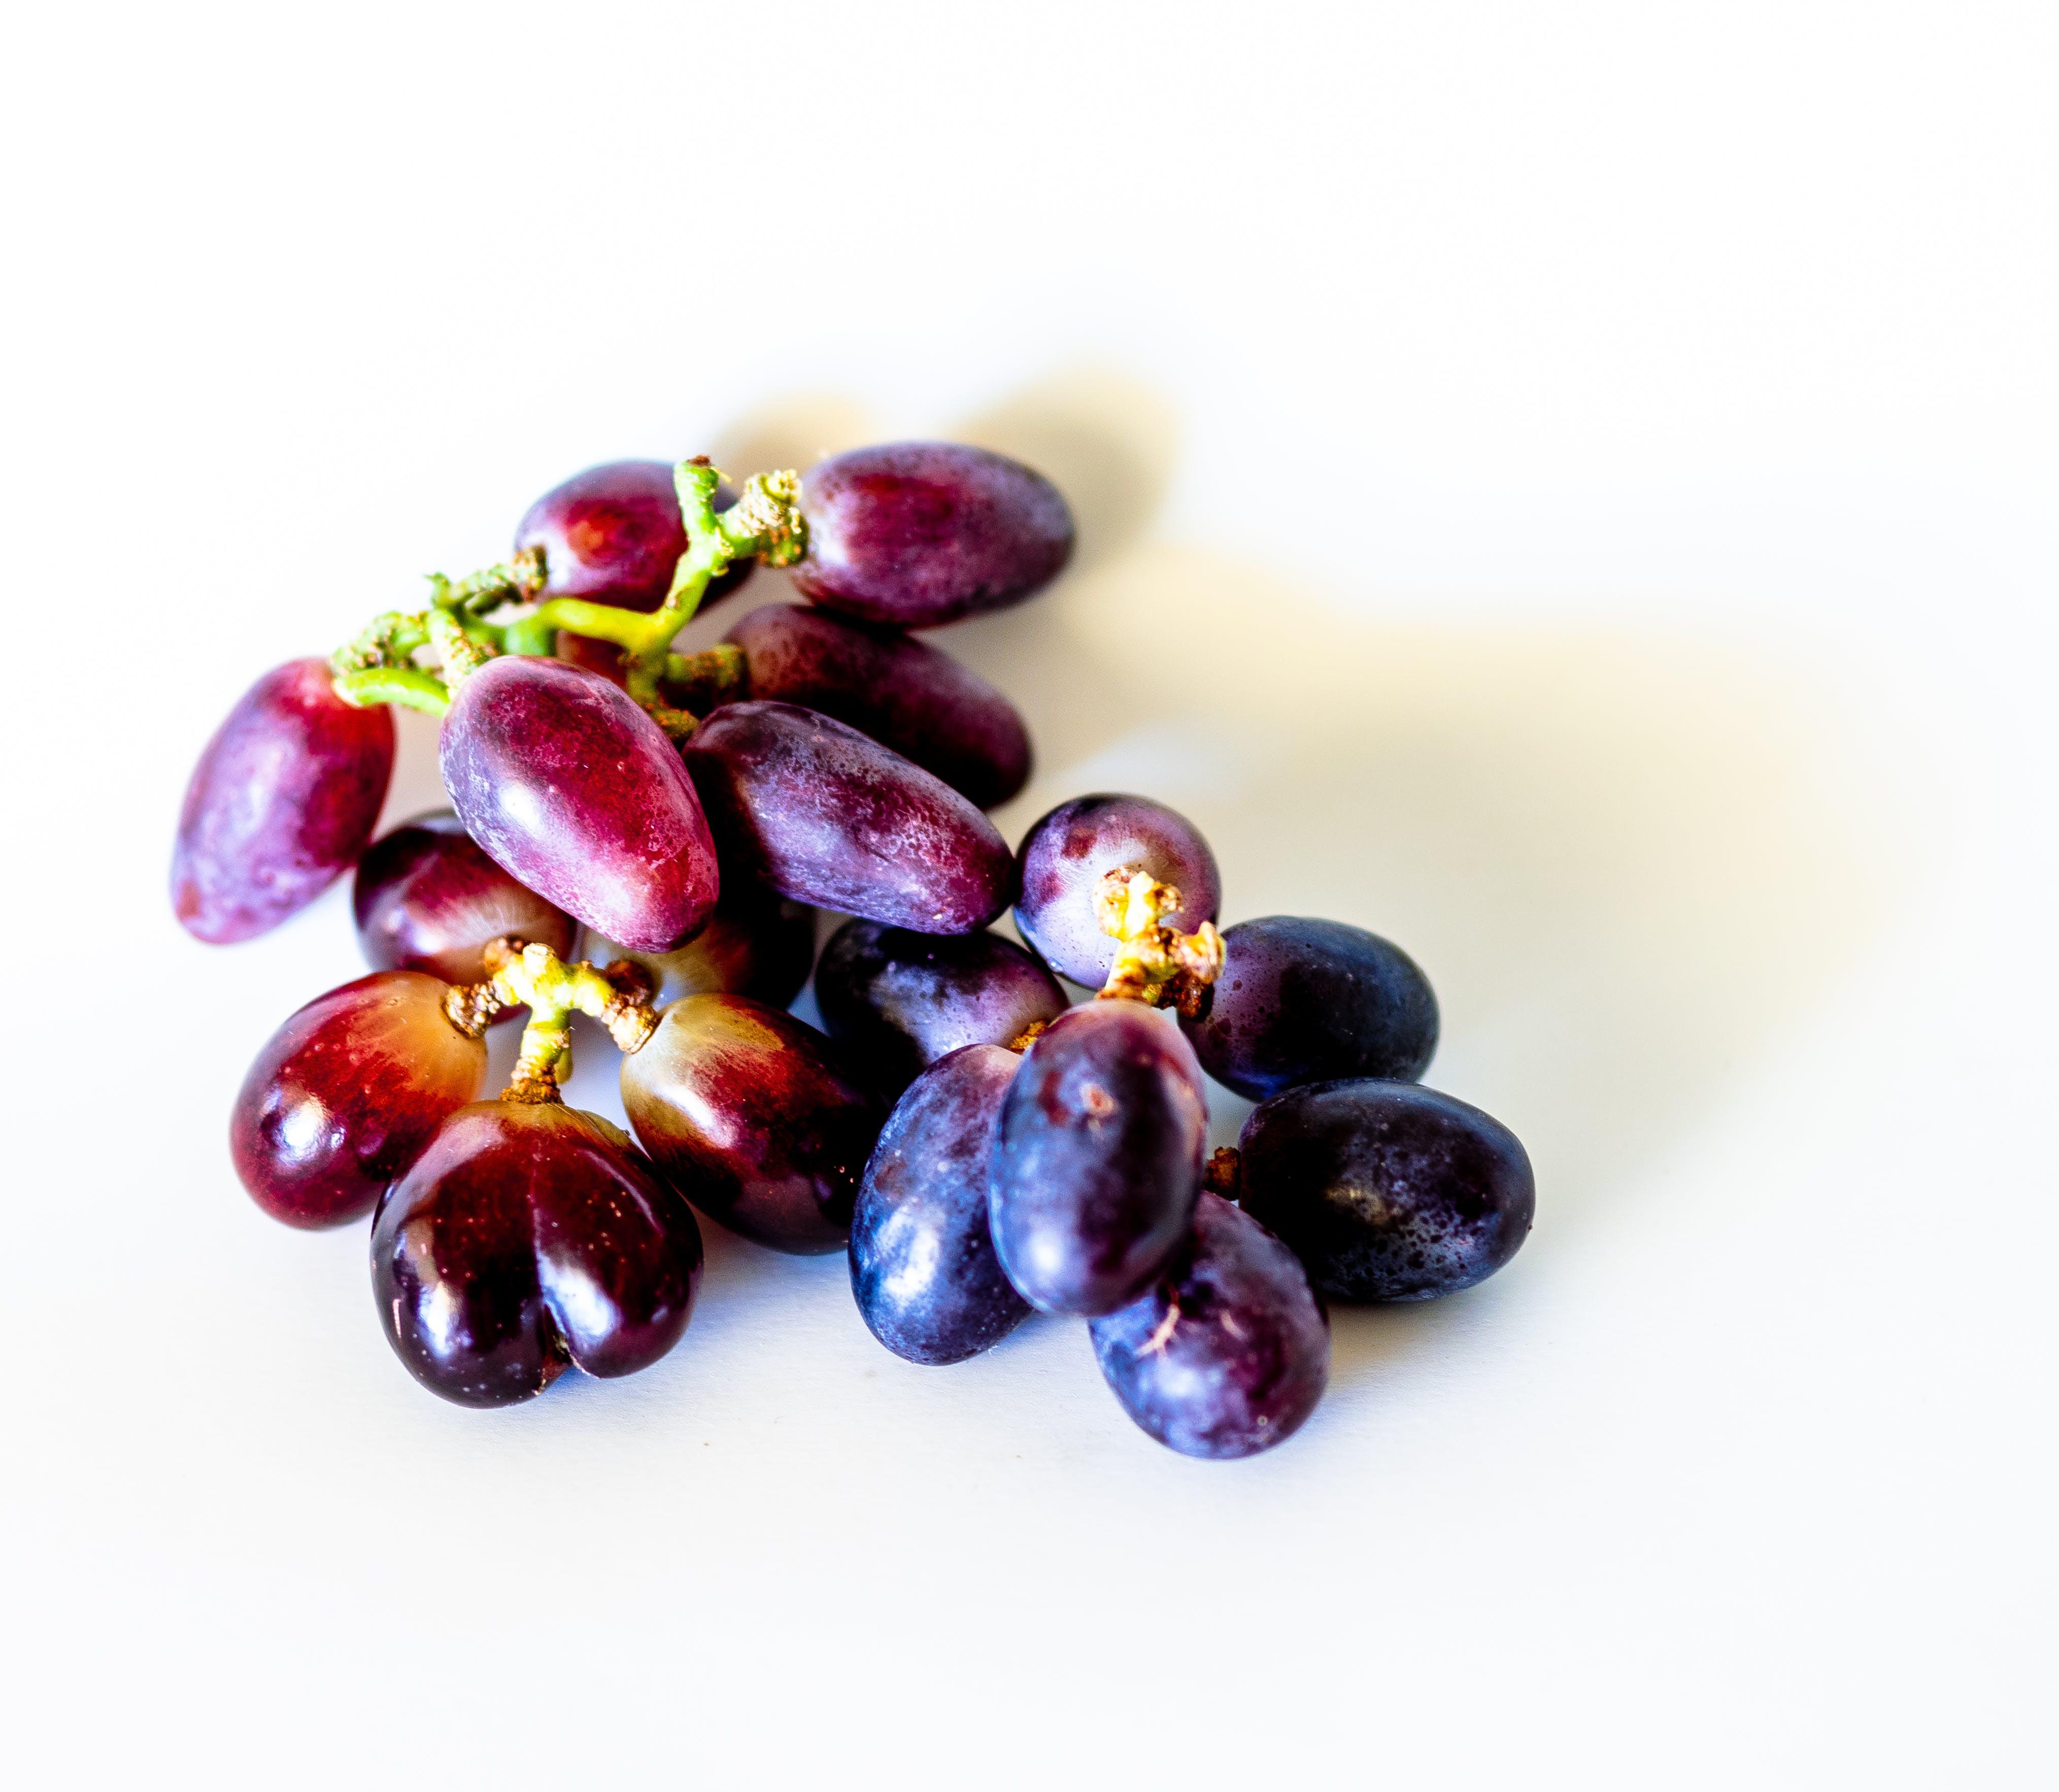 Immagine gratuita di appetitoso, contrasto, frutta, frutta fresca